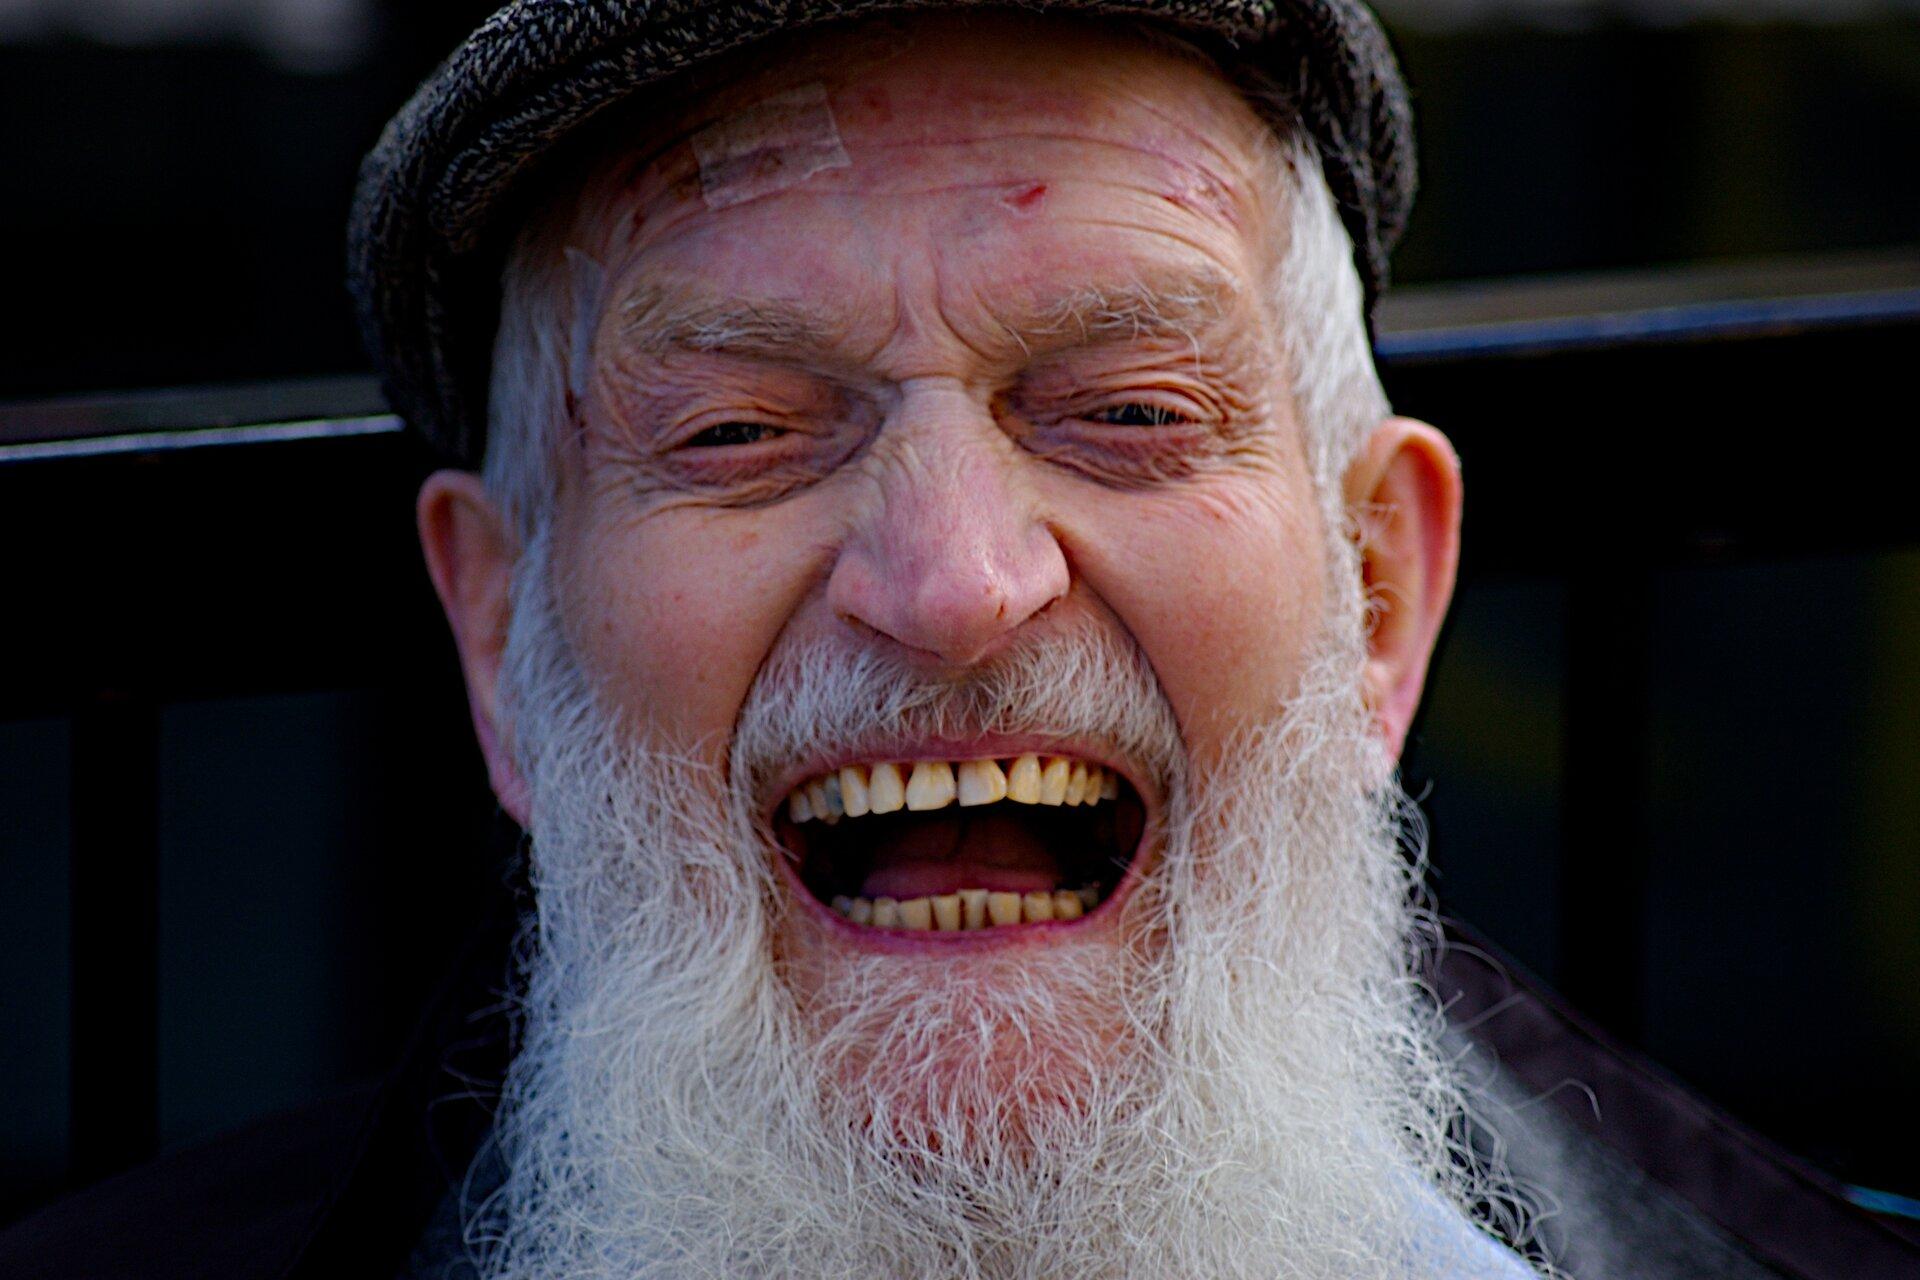 Śmiejący się mężczyzna Śmiejący się mężczyzna Źródło: Southbanksteve, licencja: CC BY 2.0.